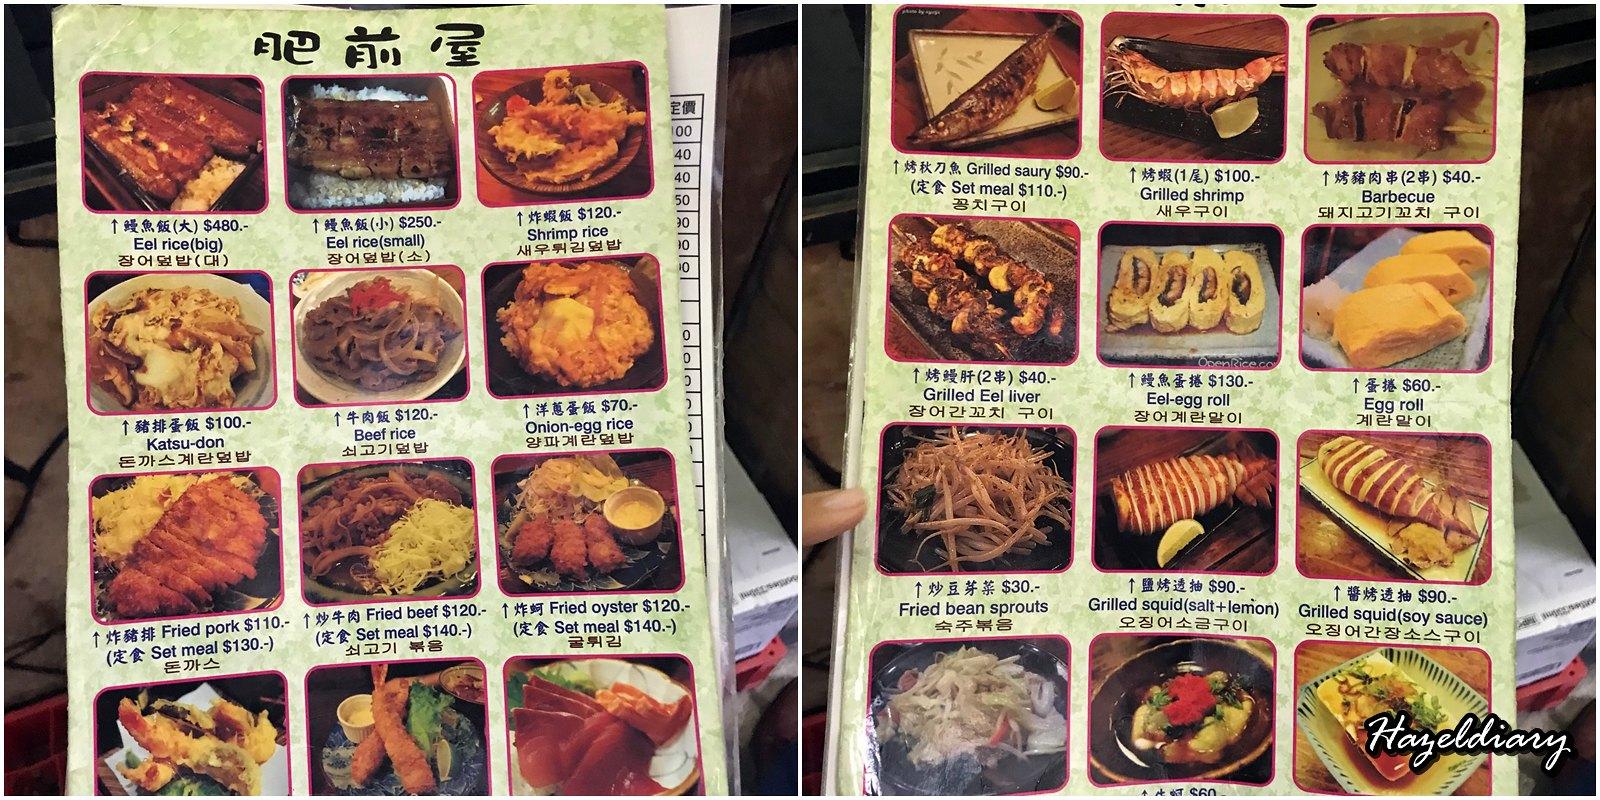 Fei Qian Wu Taipei-Unagi Restaurant-Menu